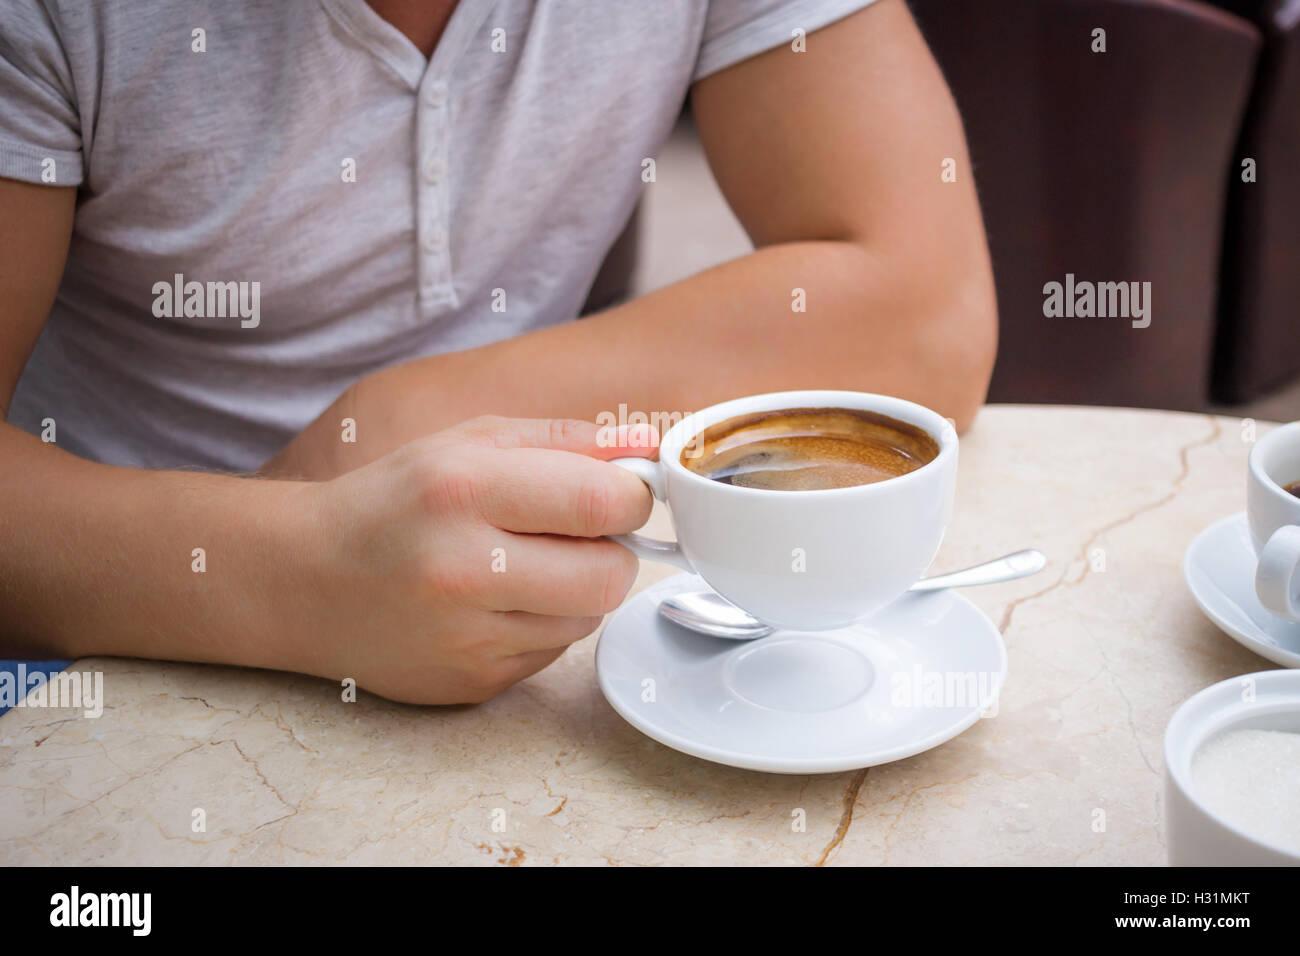 El hombre en la mesa de mármol tiene una taza de café americano en su mano Imagen De Stock